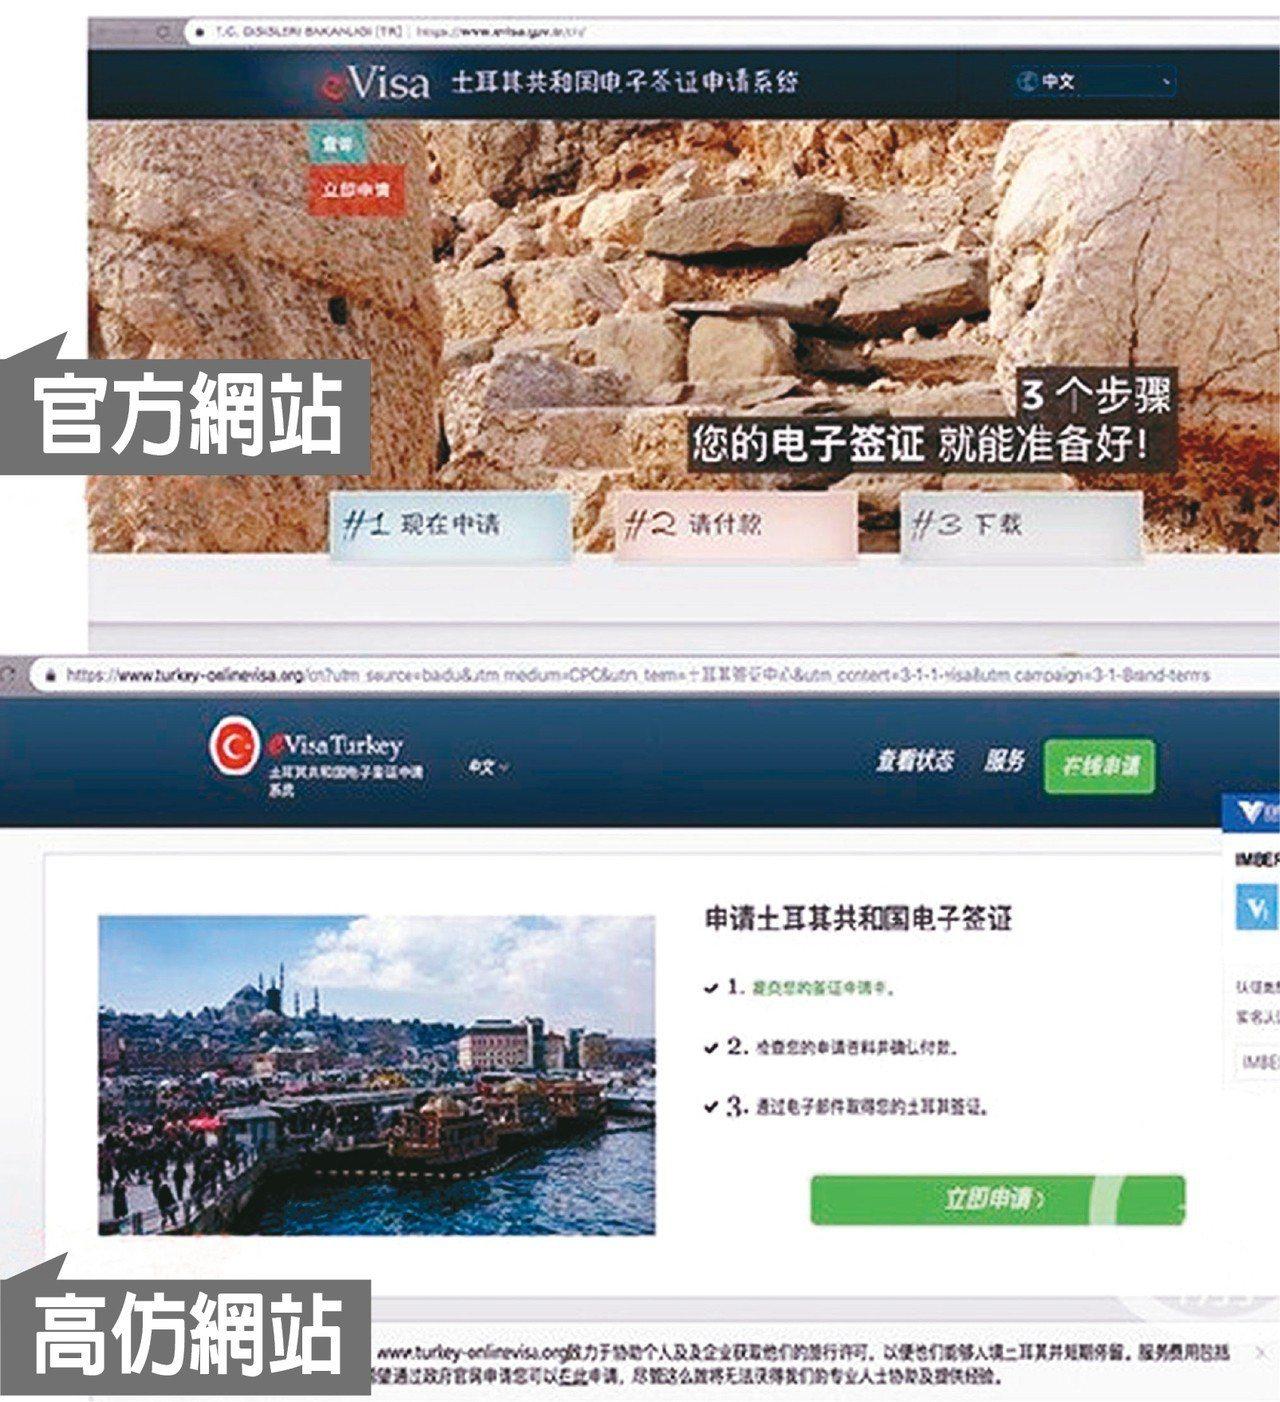 「土耳其簽證中心」官方網站和高仿網站讓人分不清。 圖/取材自上游新聞